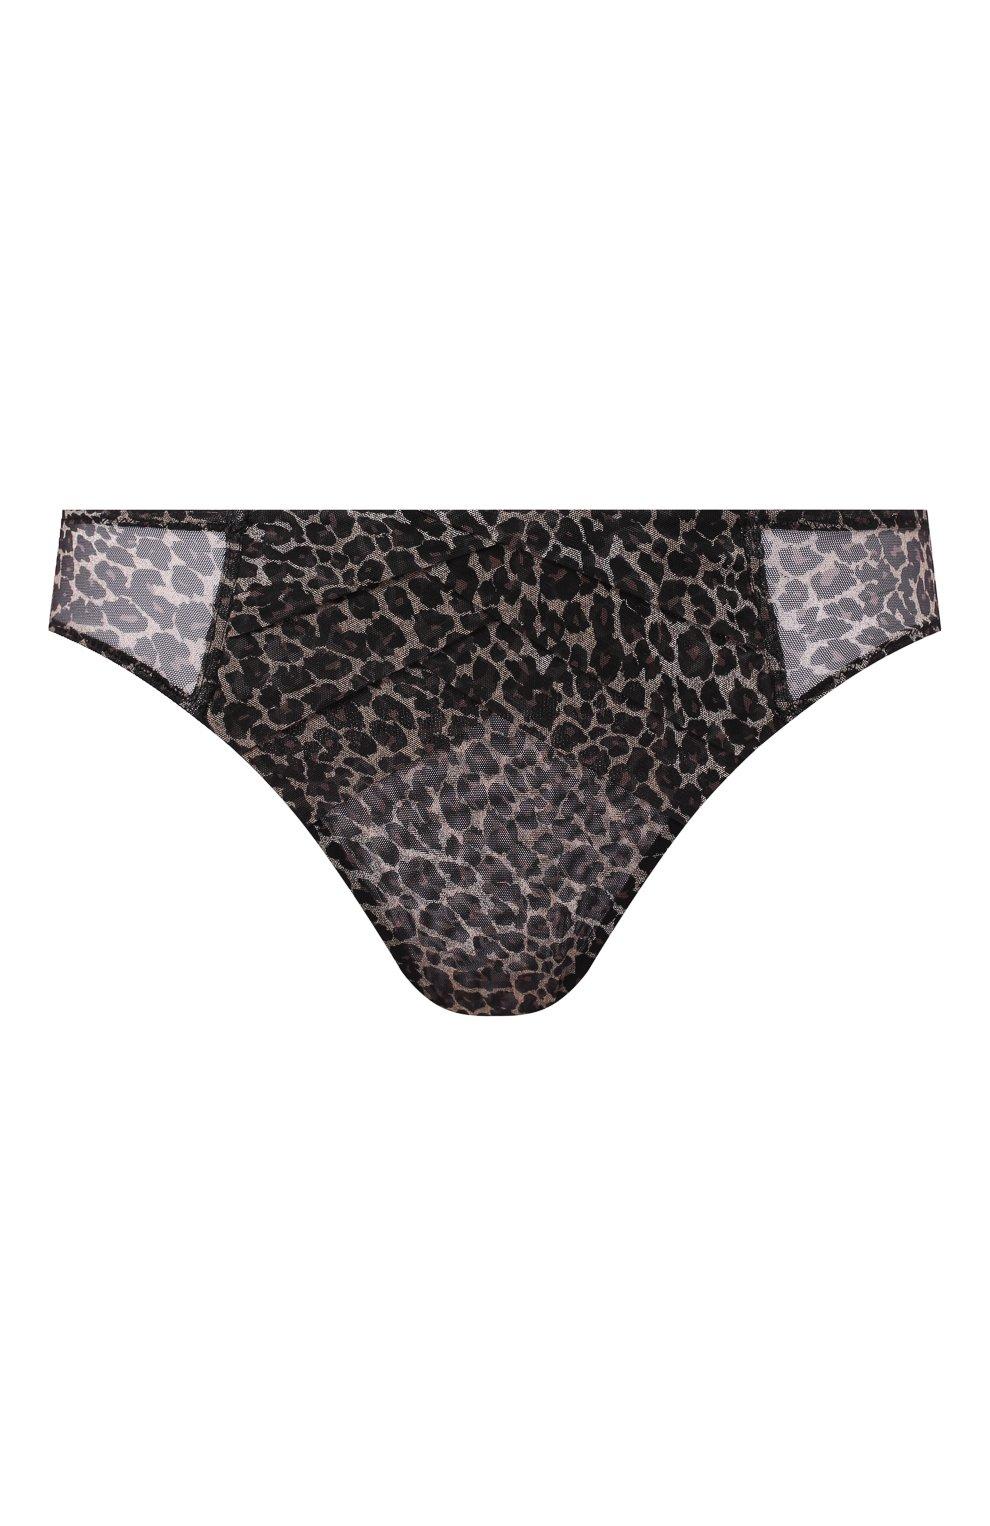 Женские трусы-слипы CHANTAL THOMASS леопардового цвета, арт. 0043_лео | Фото 1